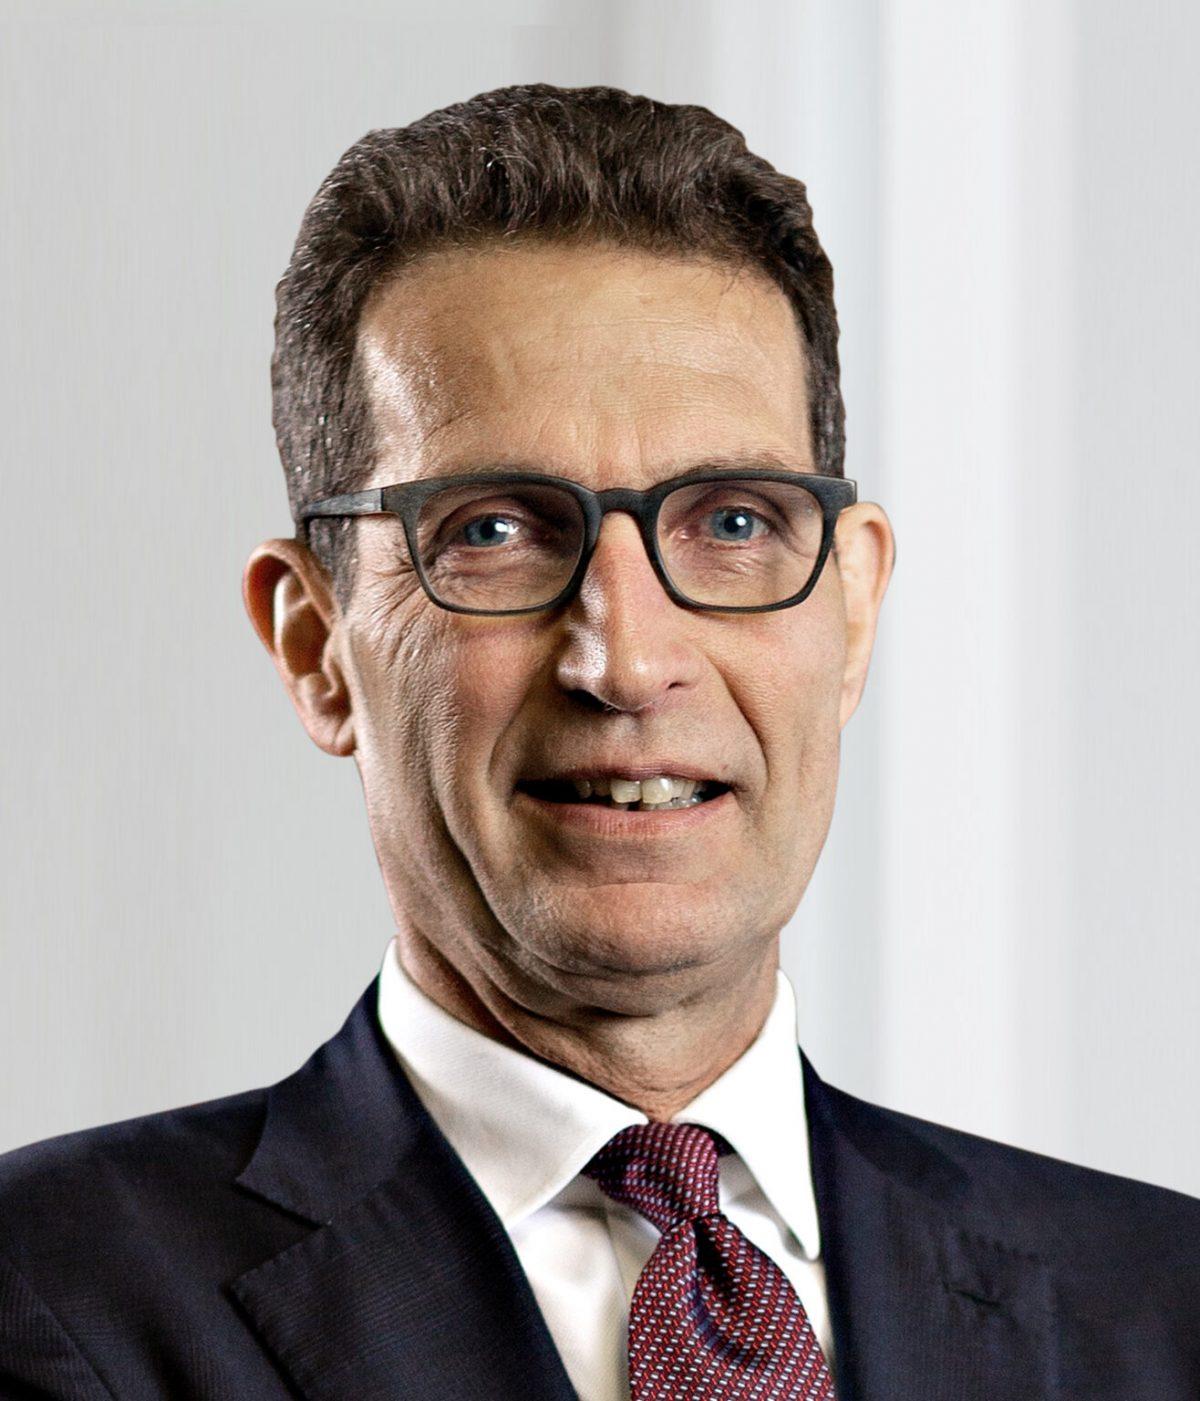 ETH Zurich Foundation, Immobilien ETHZF